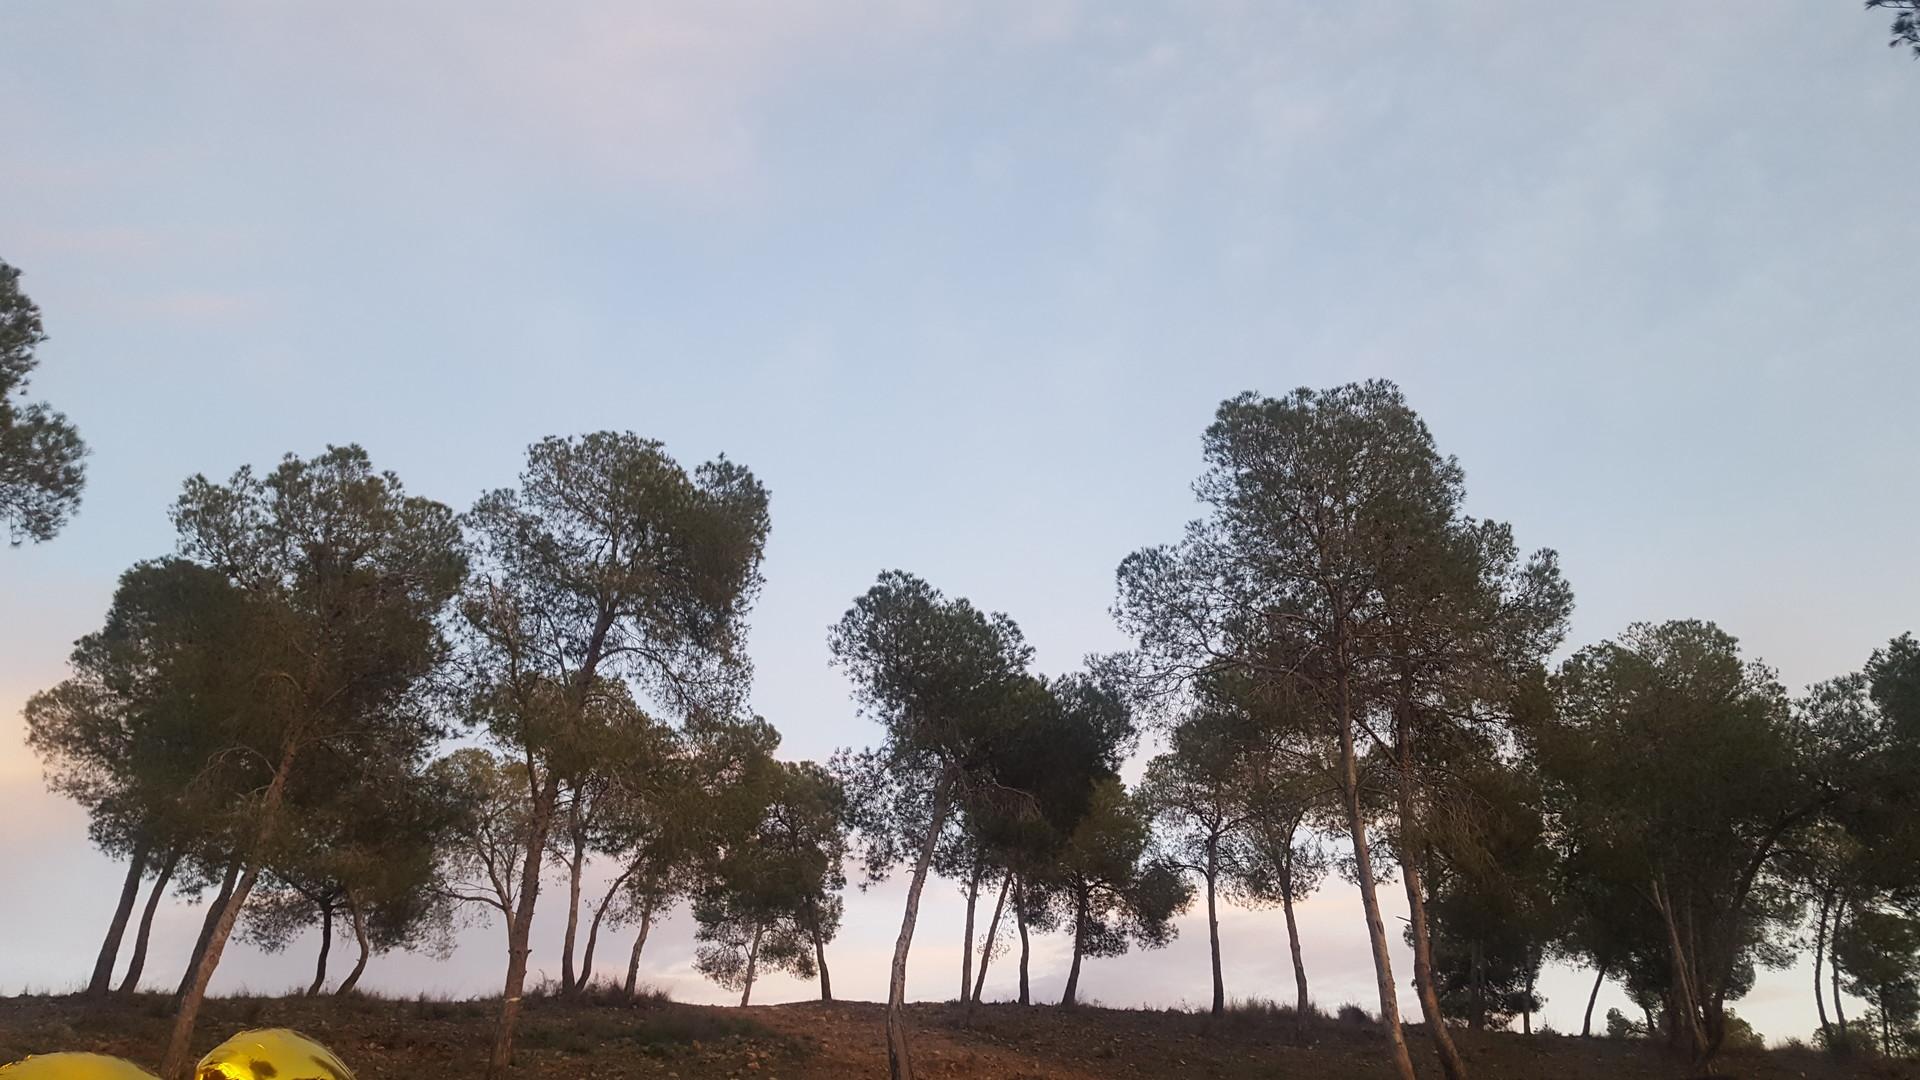 Barbecue all'aria aperta a Murcia